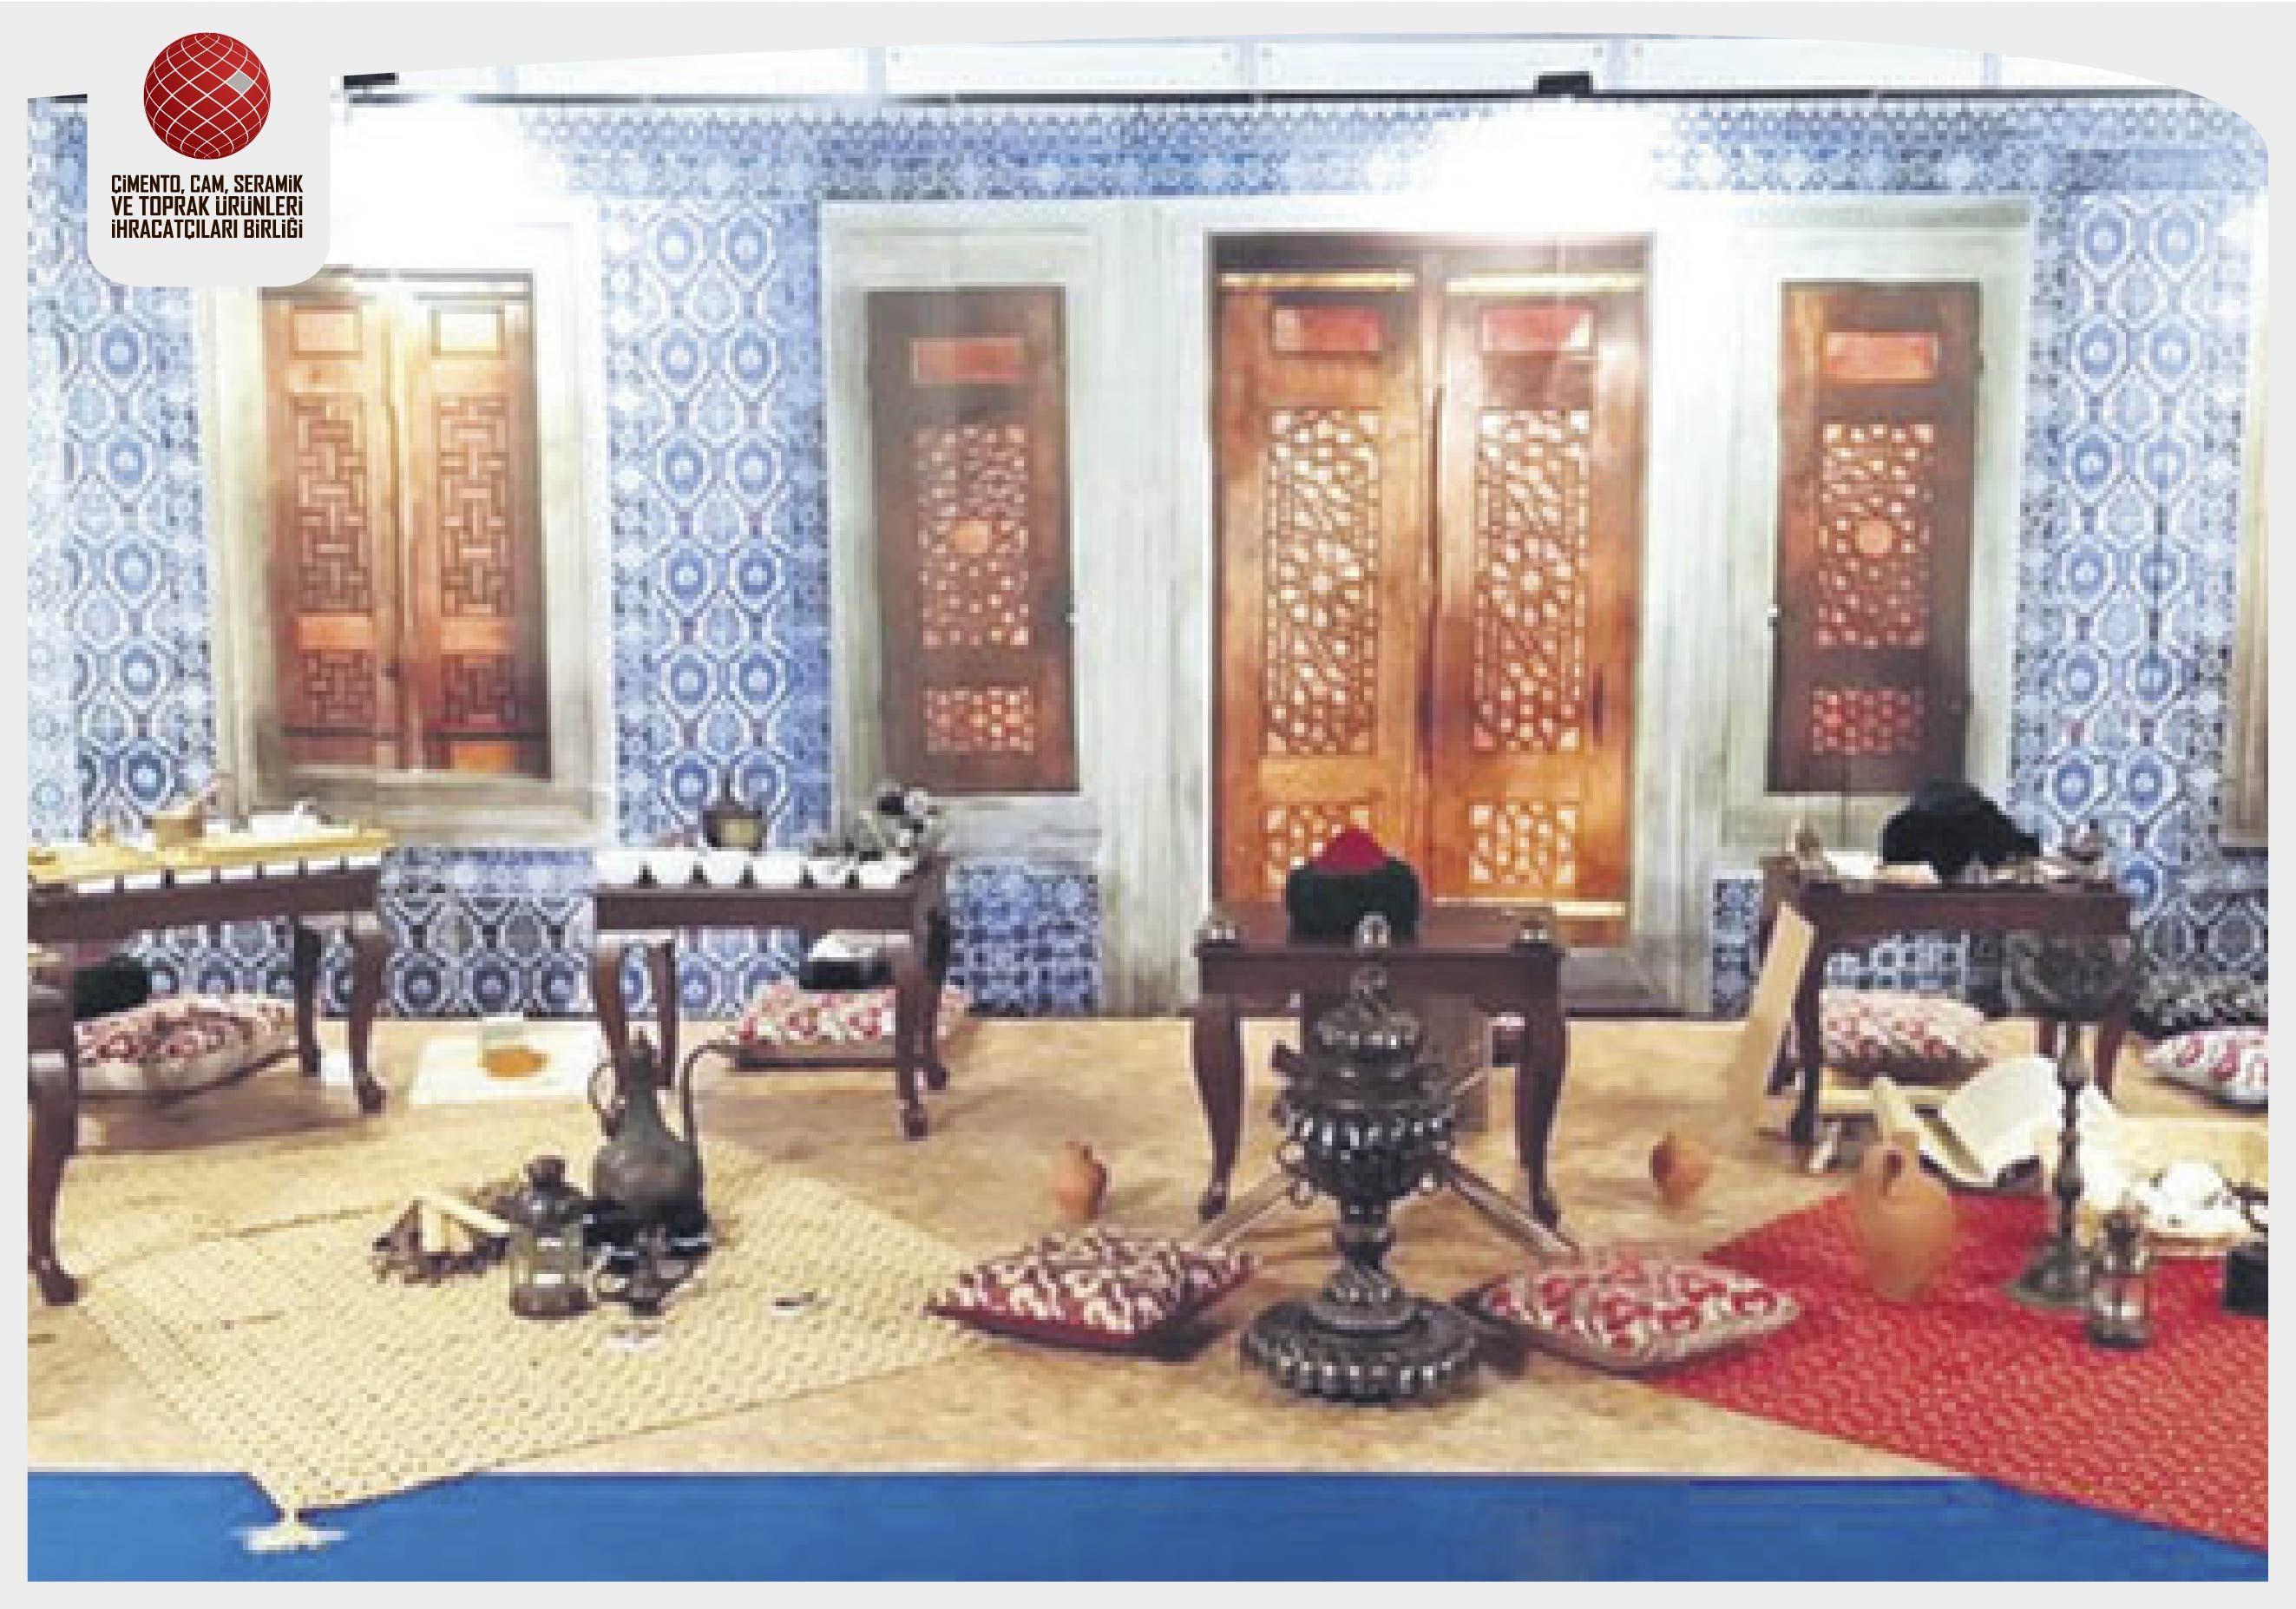 Osmanlı kültürüne,el sanatlarına ve seramik eserlere verdiği önem ile bilinen Fatih Sultan Mehmet'in zamanında #SarayNakkaşhanesi 'nin en yoğun çalıştığı dönem olduğunu biliyor muydunuz? #SeramikTarihi